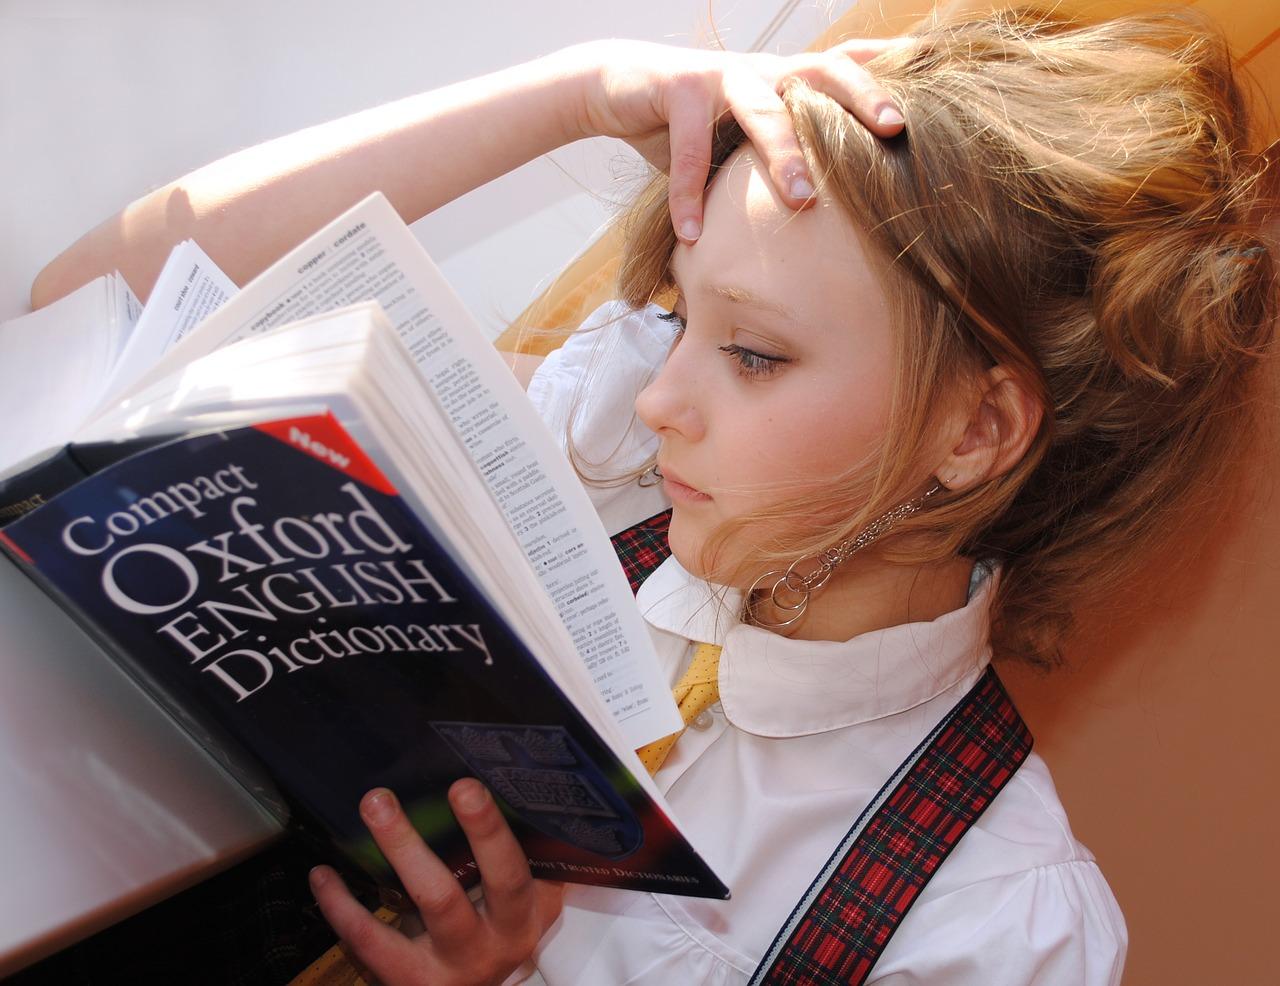 英語を独学でマスターすることは可能か